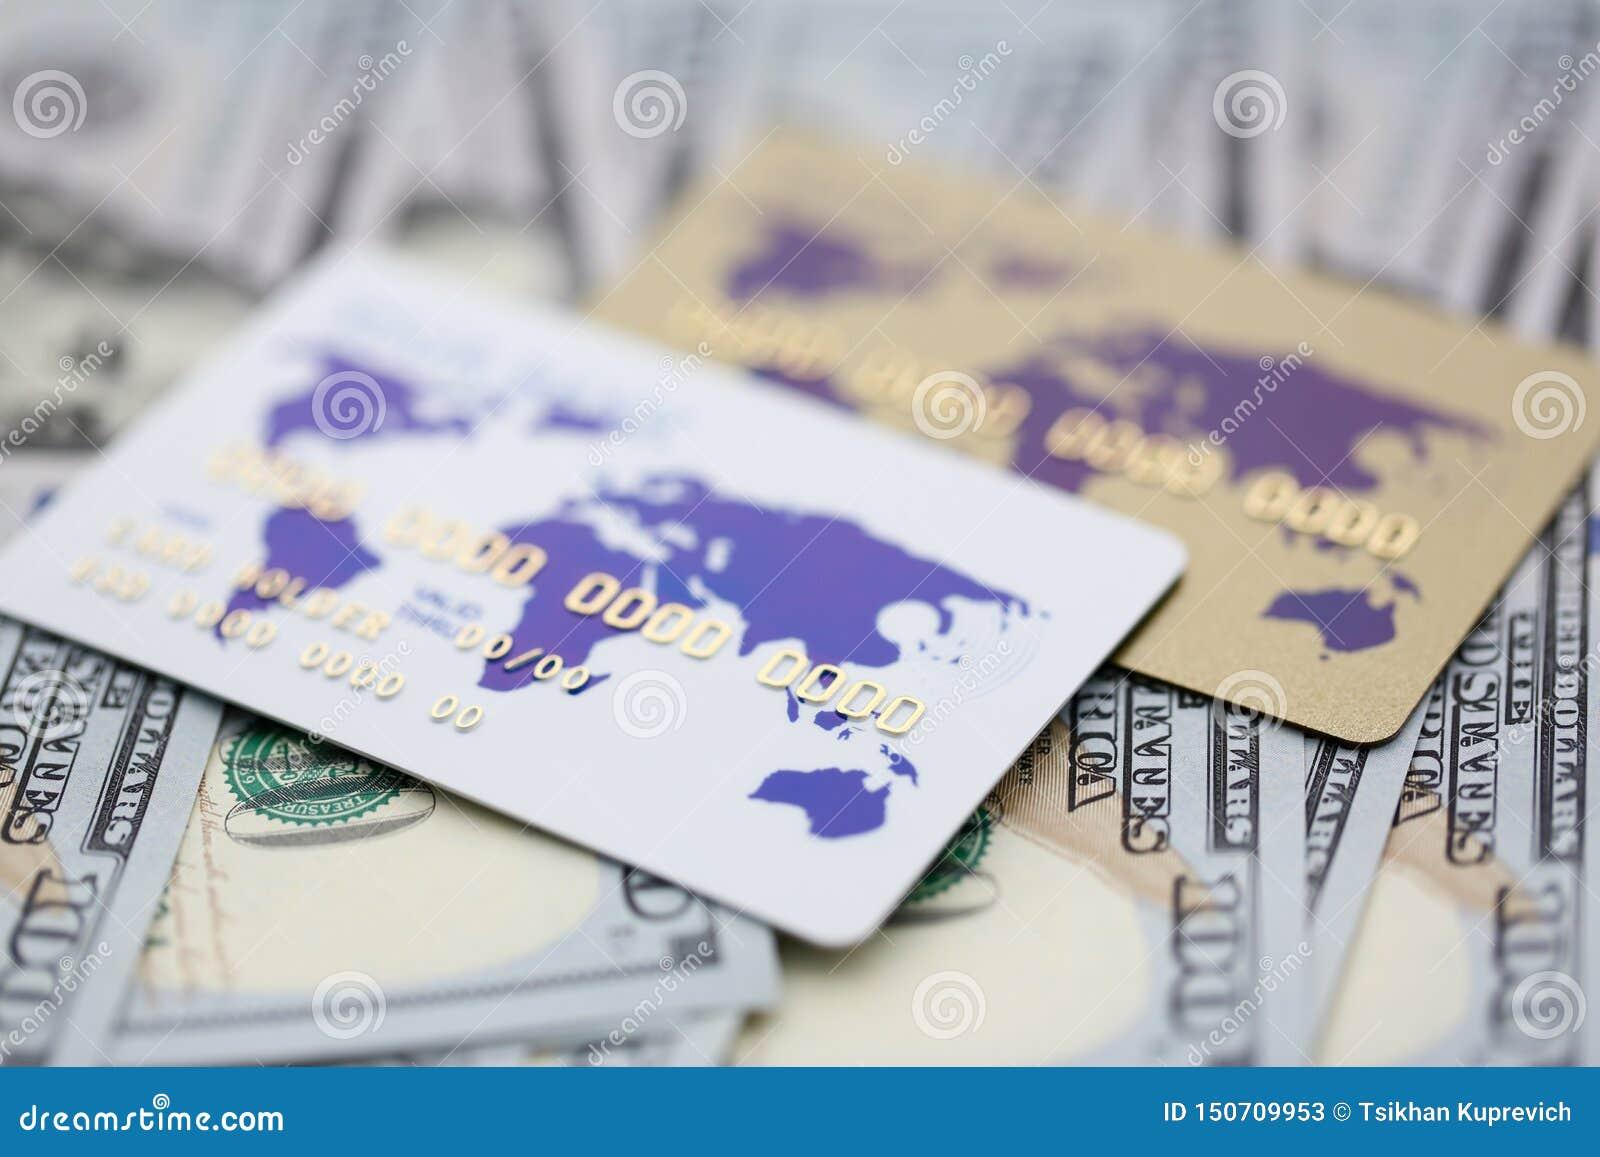 Деньги в кредит онлайн перевод на карту оформить онлайн телефон в кредит в казани